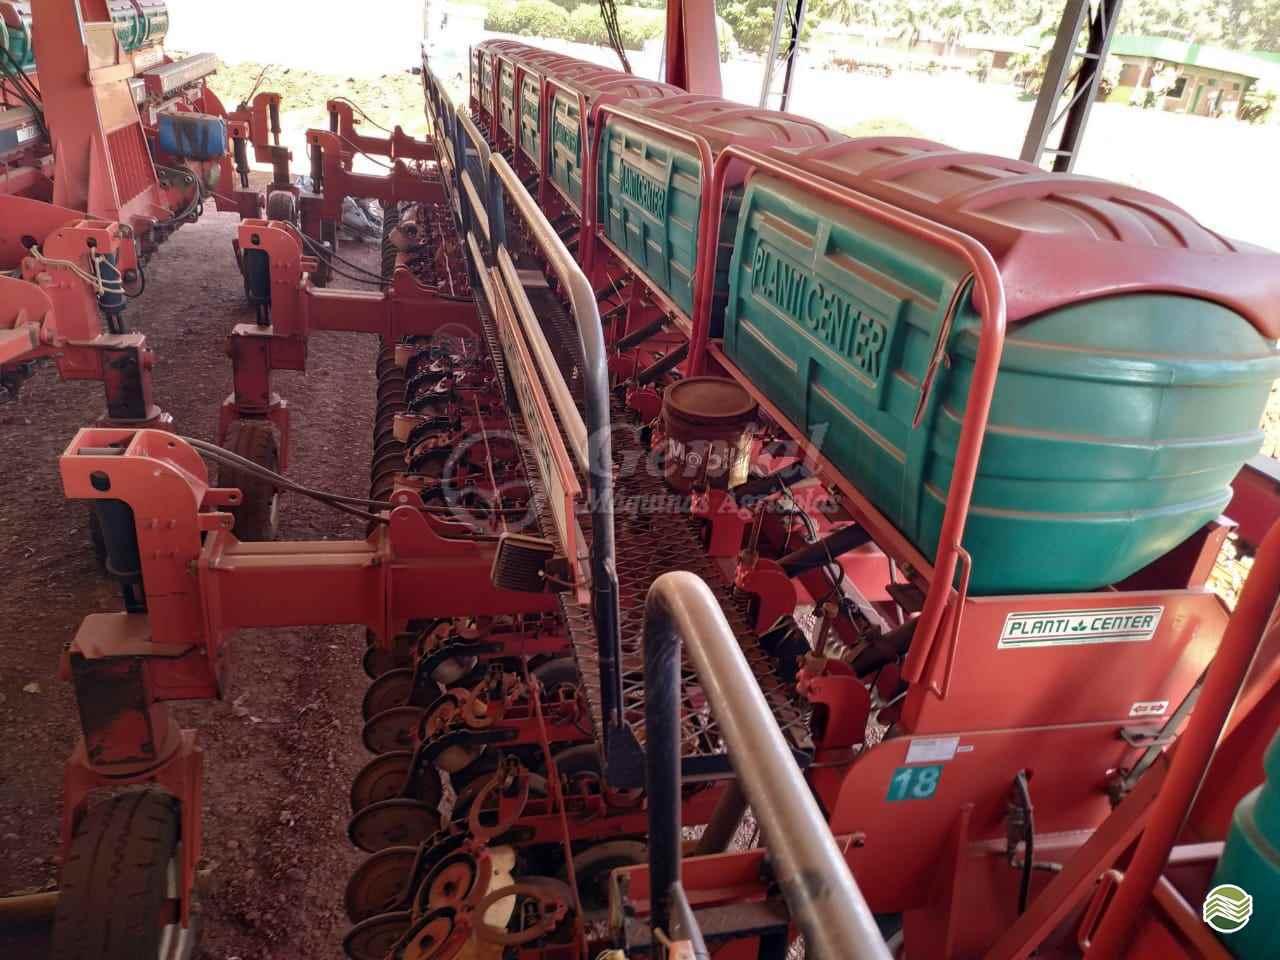 PLANTADEIRA PLANTI CENTER URUTU 30/33 Genial Máquinas DOURADOS MATO GROSSO DO SUL MS